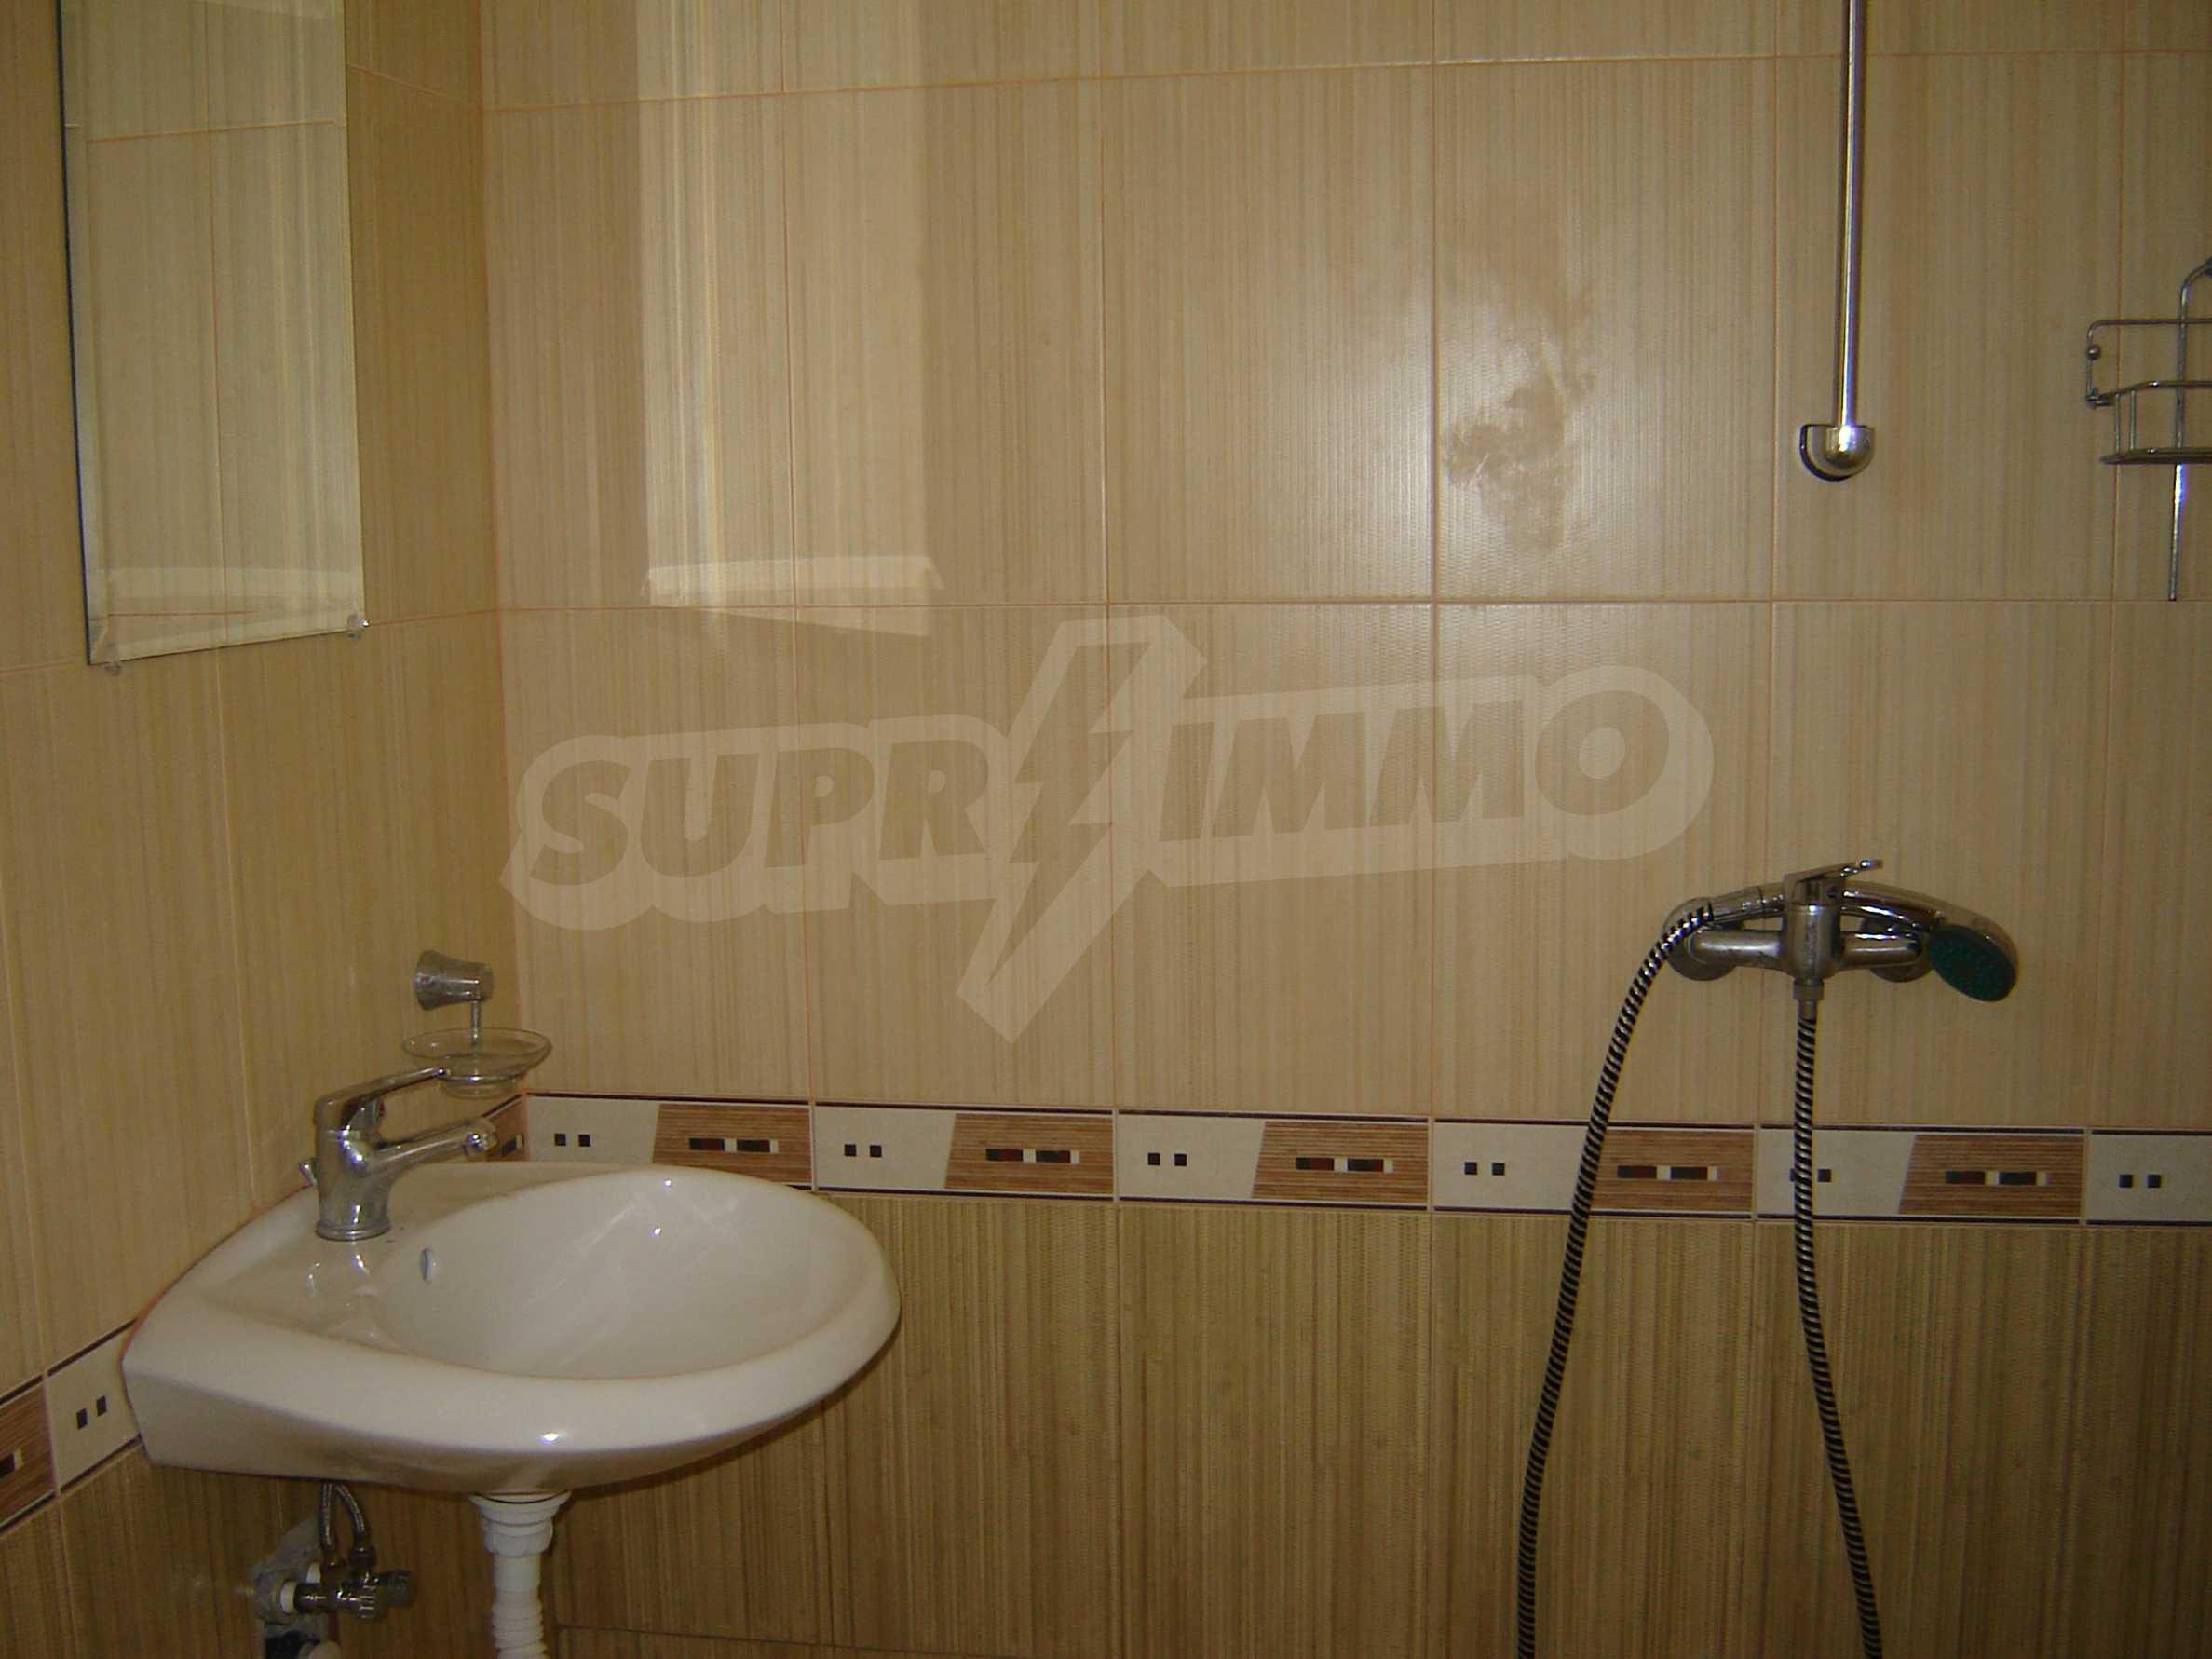 House of family hotel type for sale in Primorsko 12